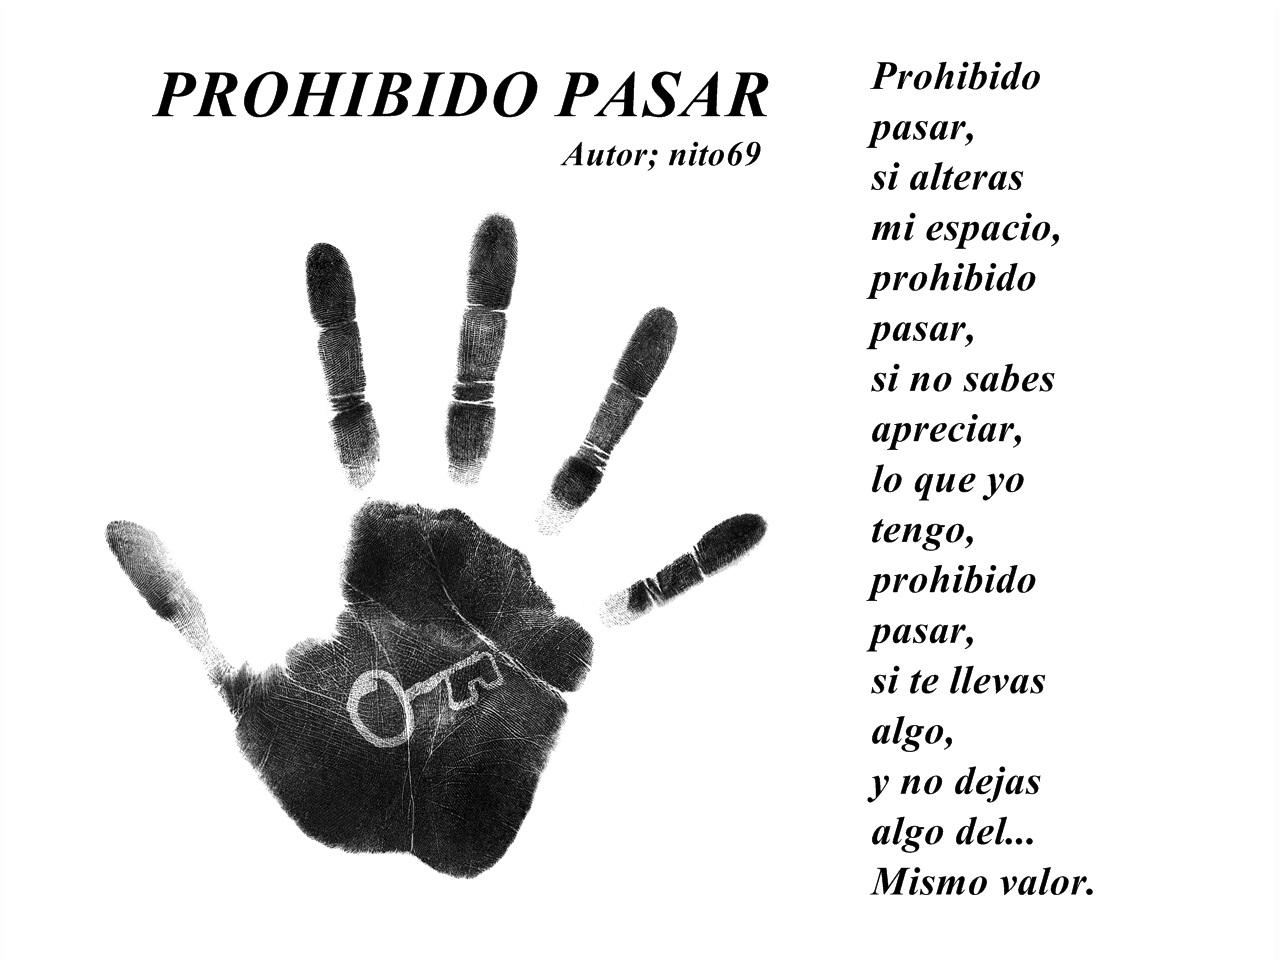 PROHIBIDO PASAR